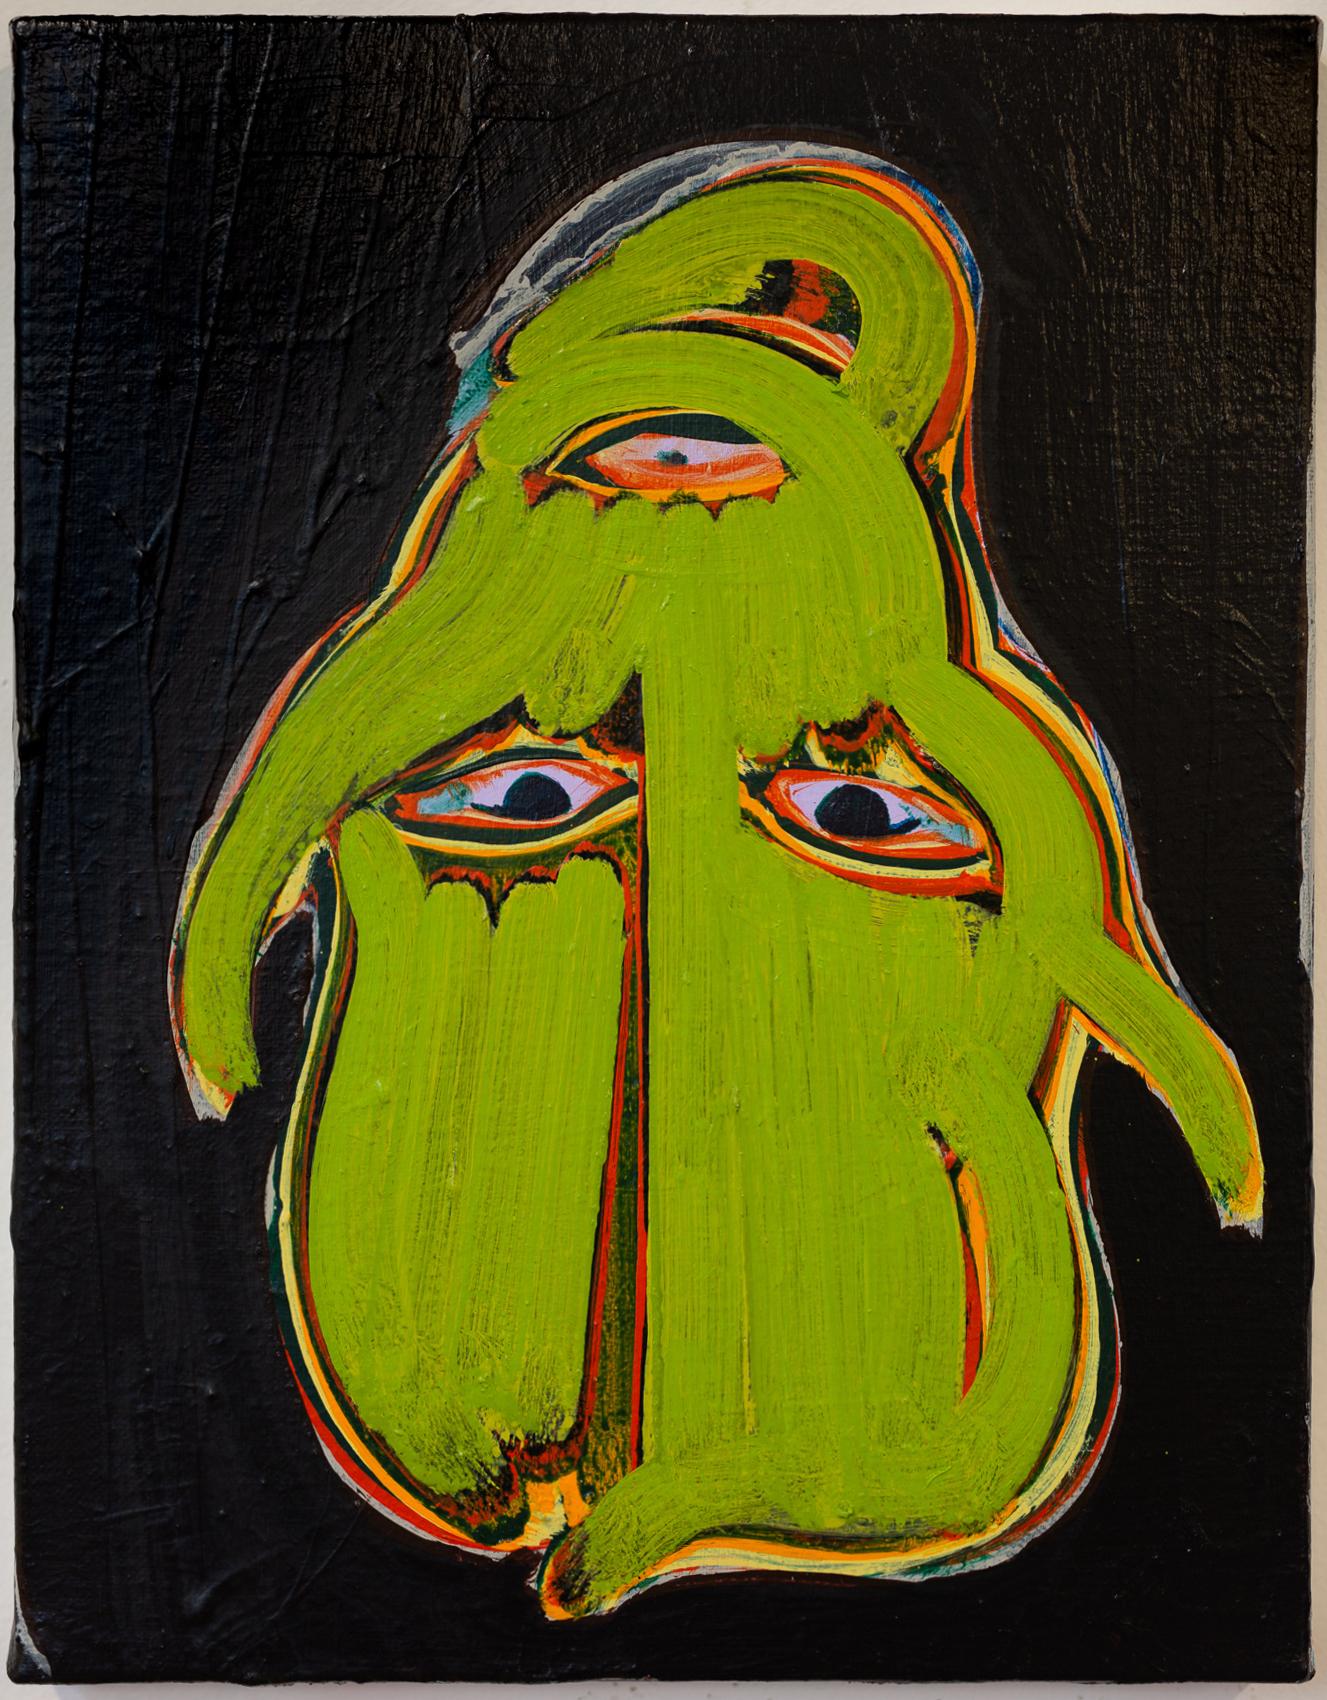 Franken-stein-Froggy